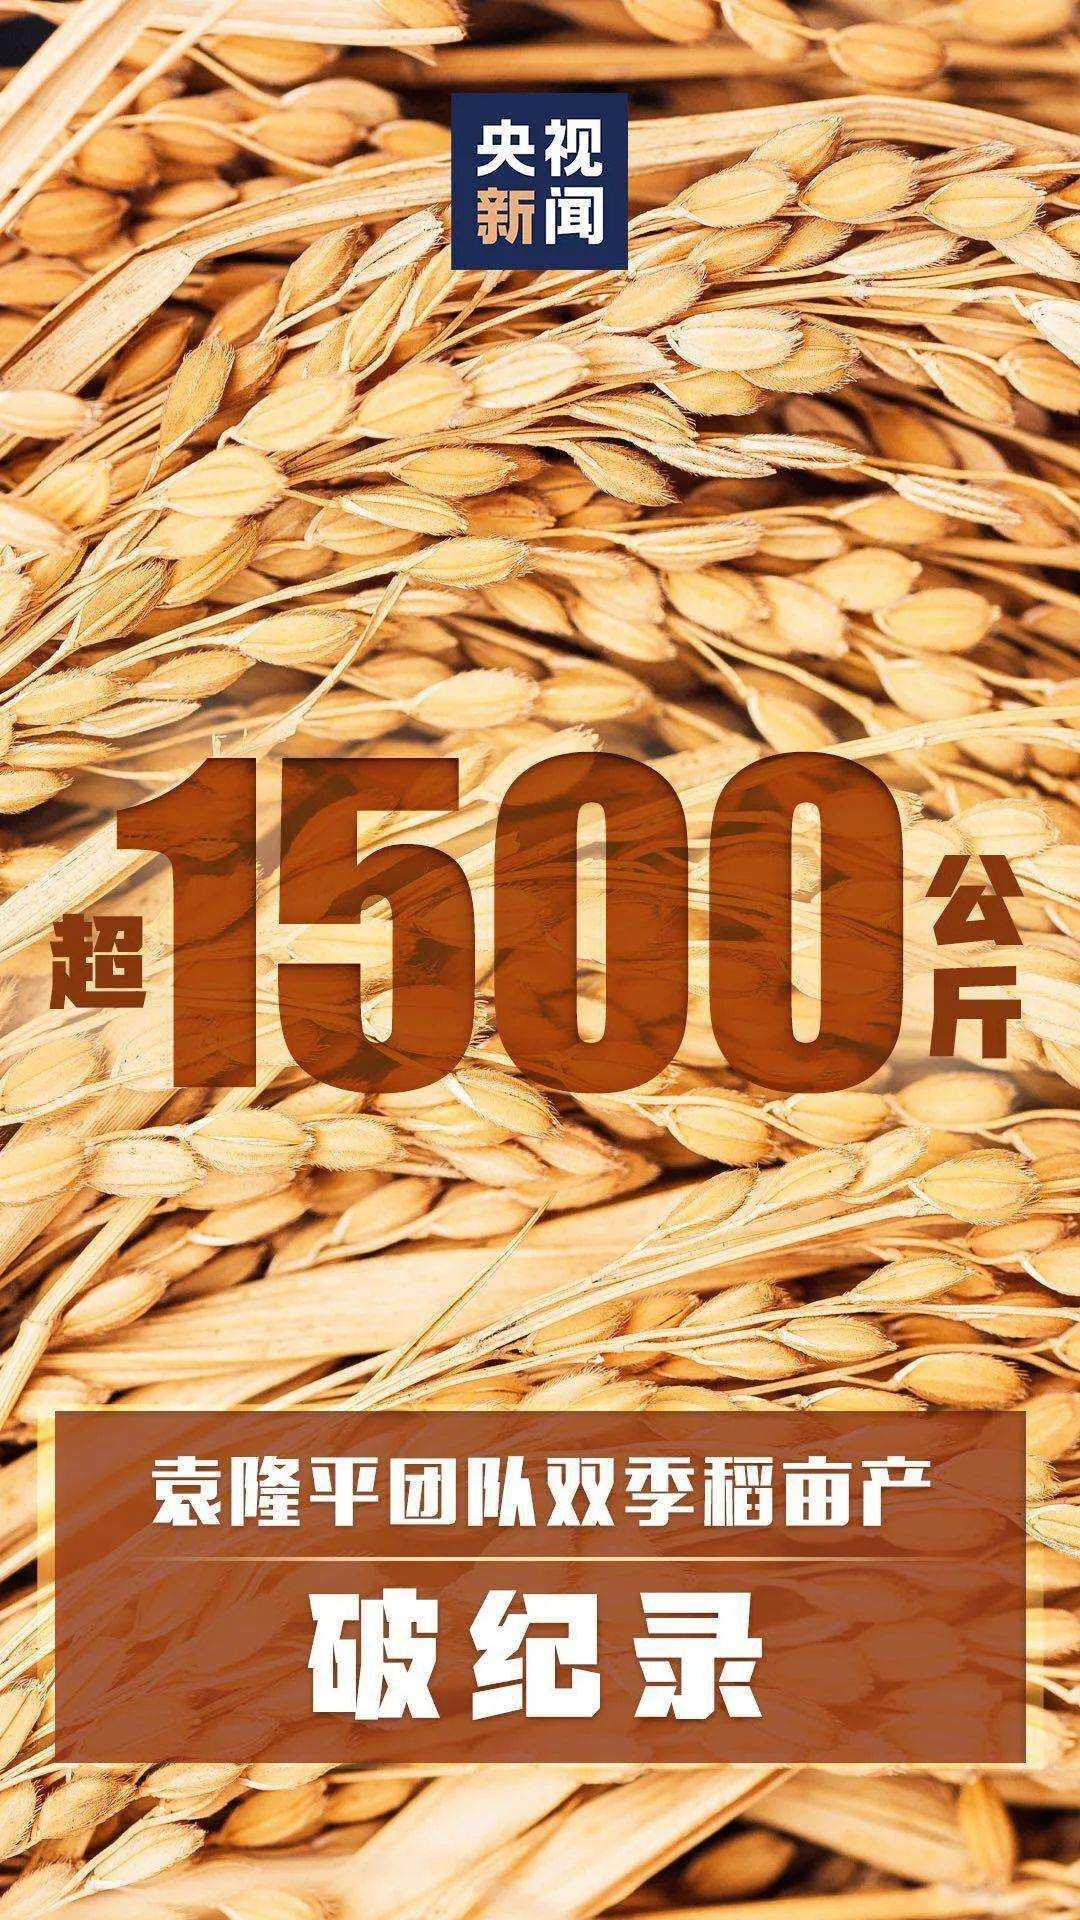 水稻双季突破1500公斤.jpeg